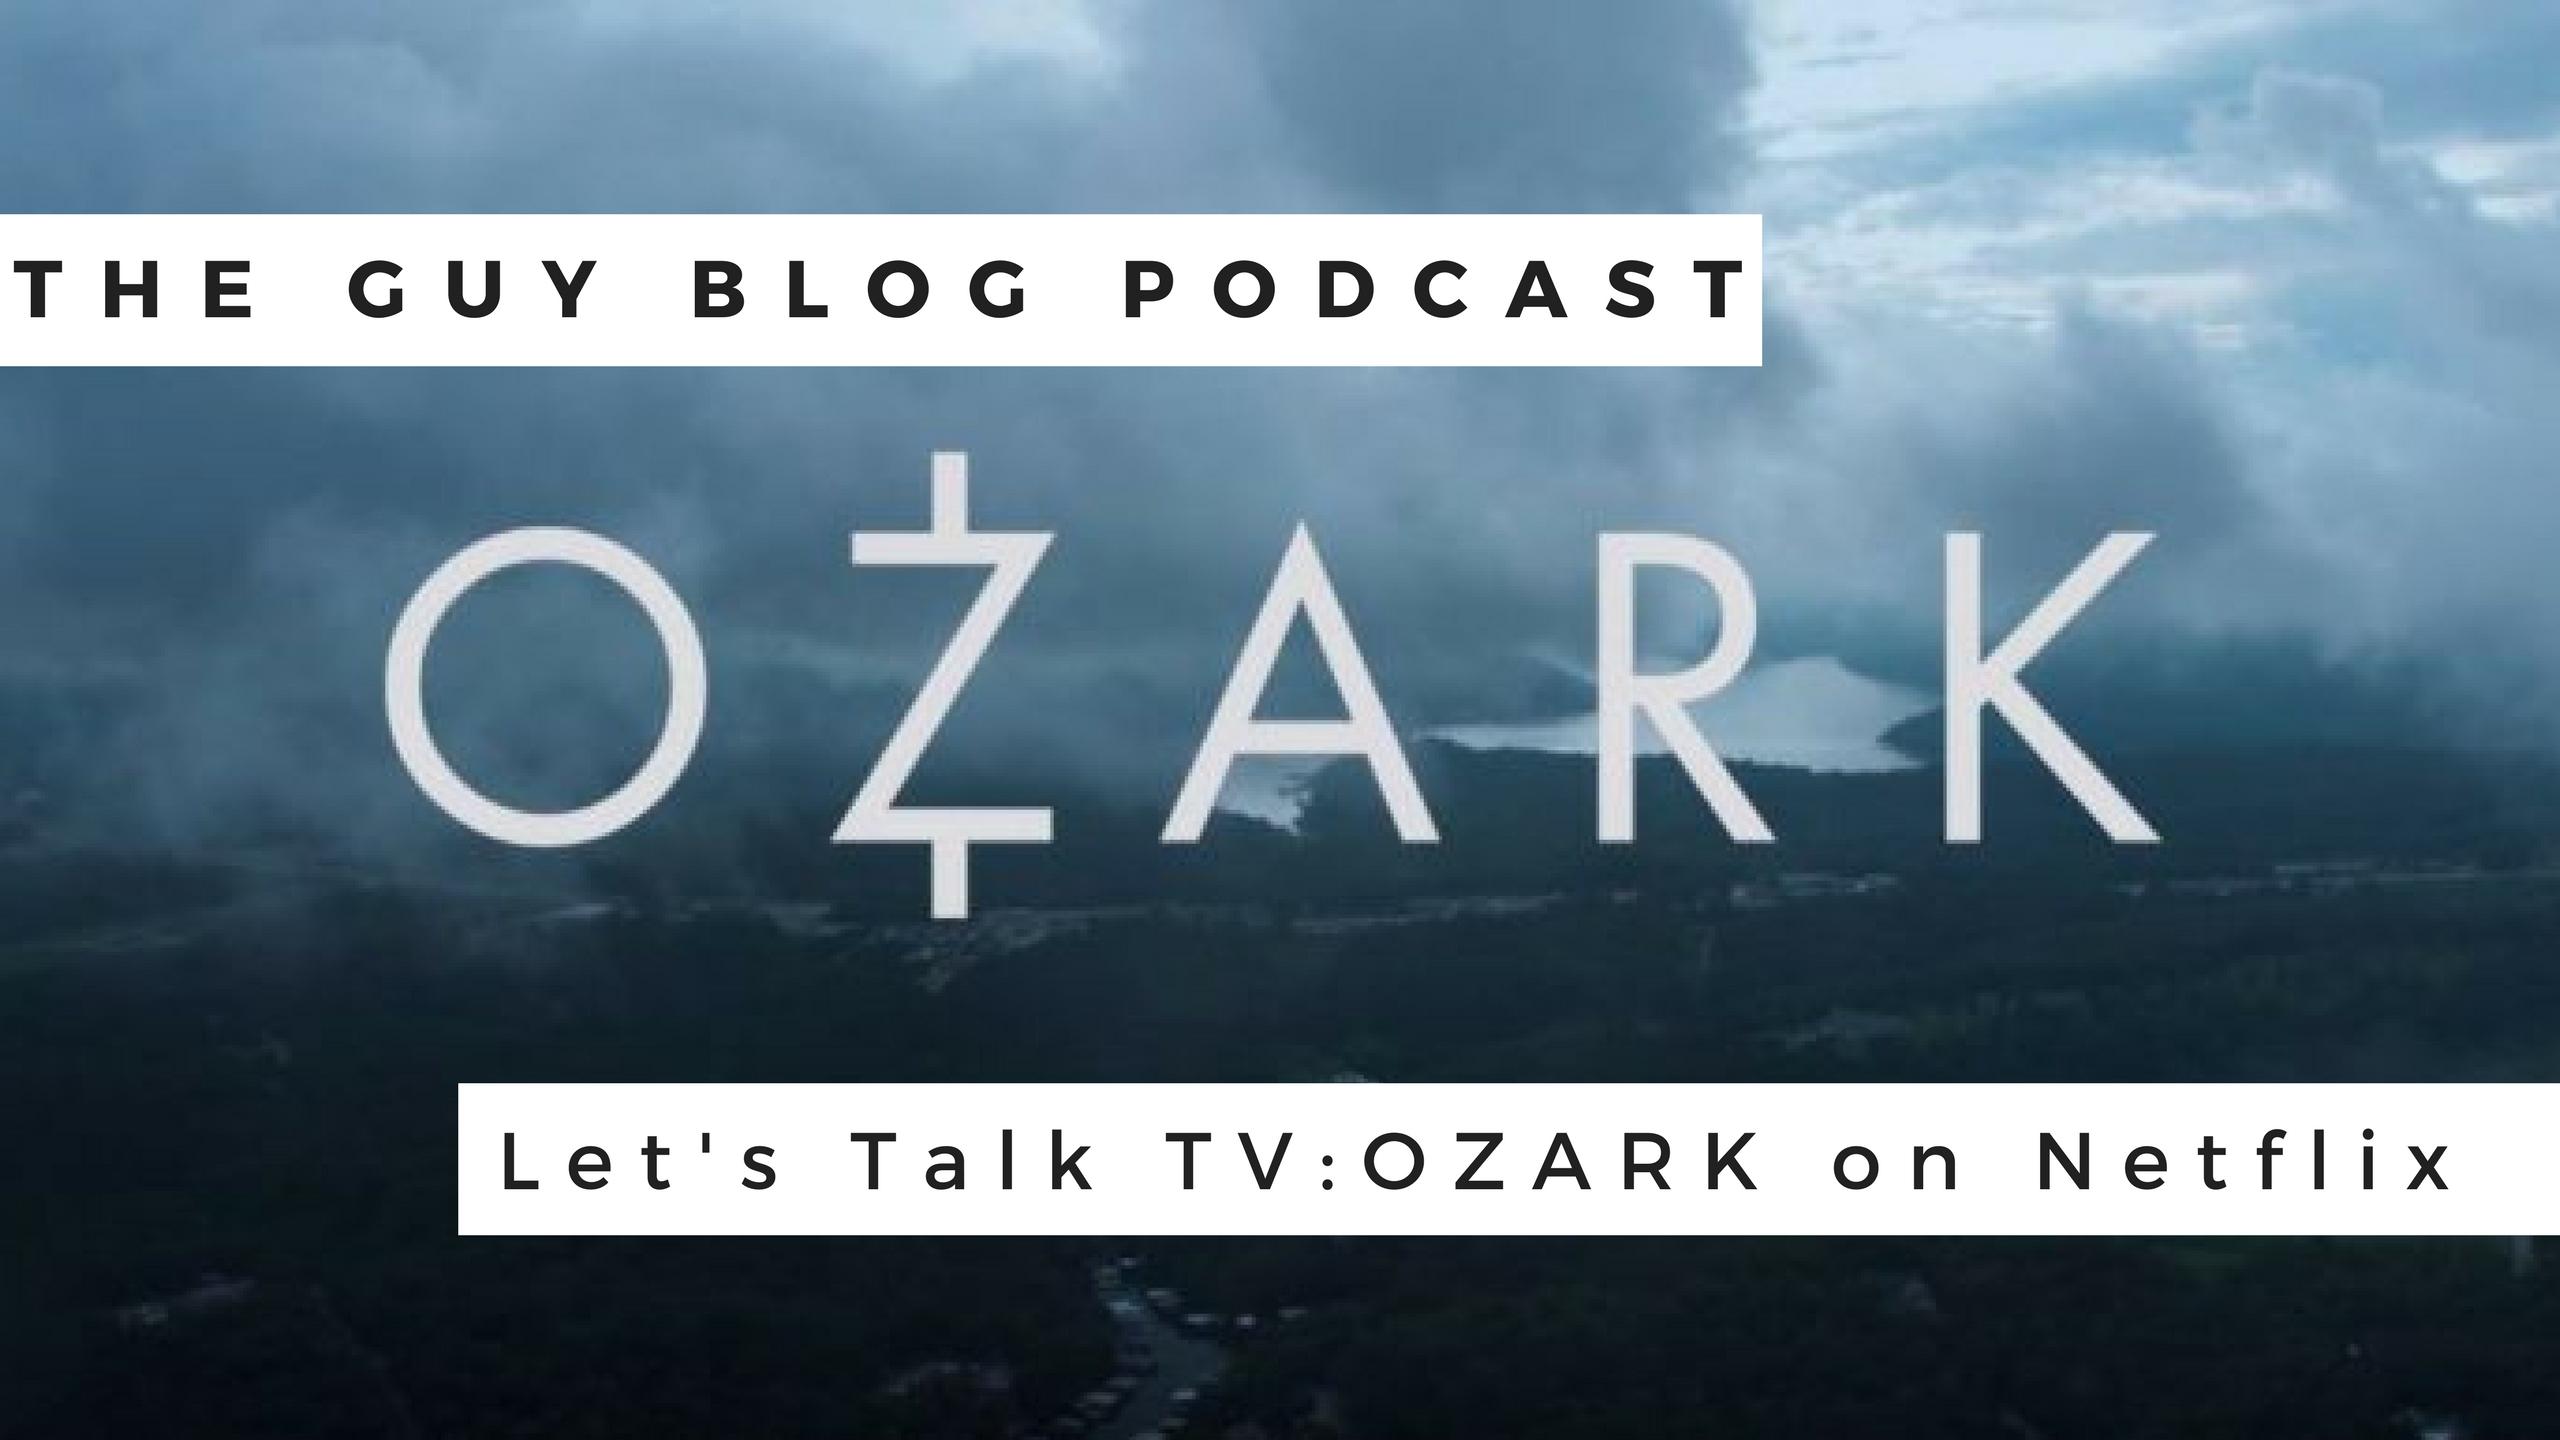 TGBP 023 Let's Talk TV: OZARK on Netflix